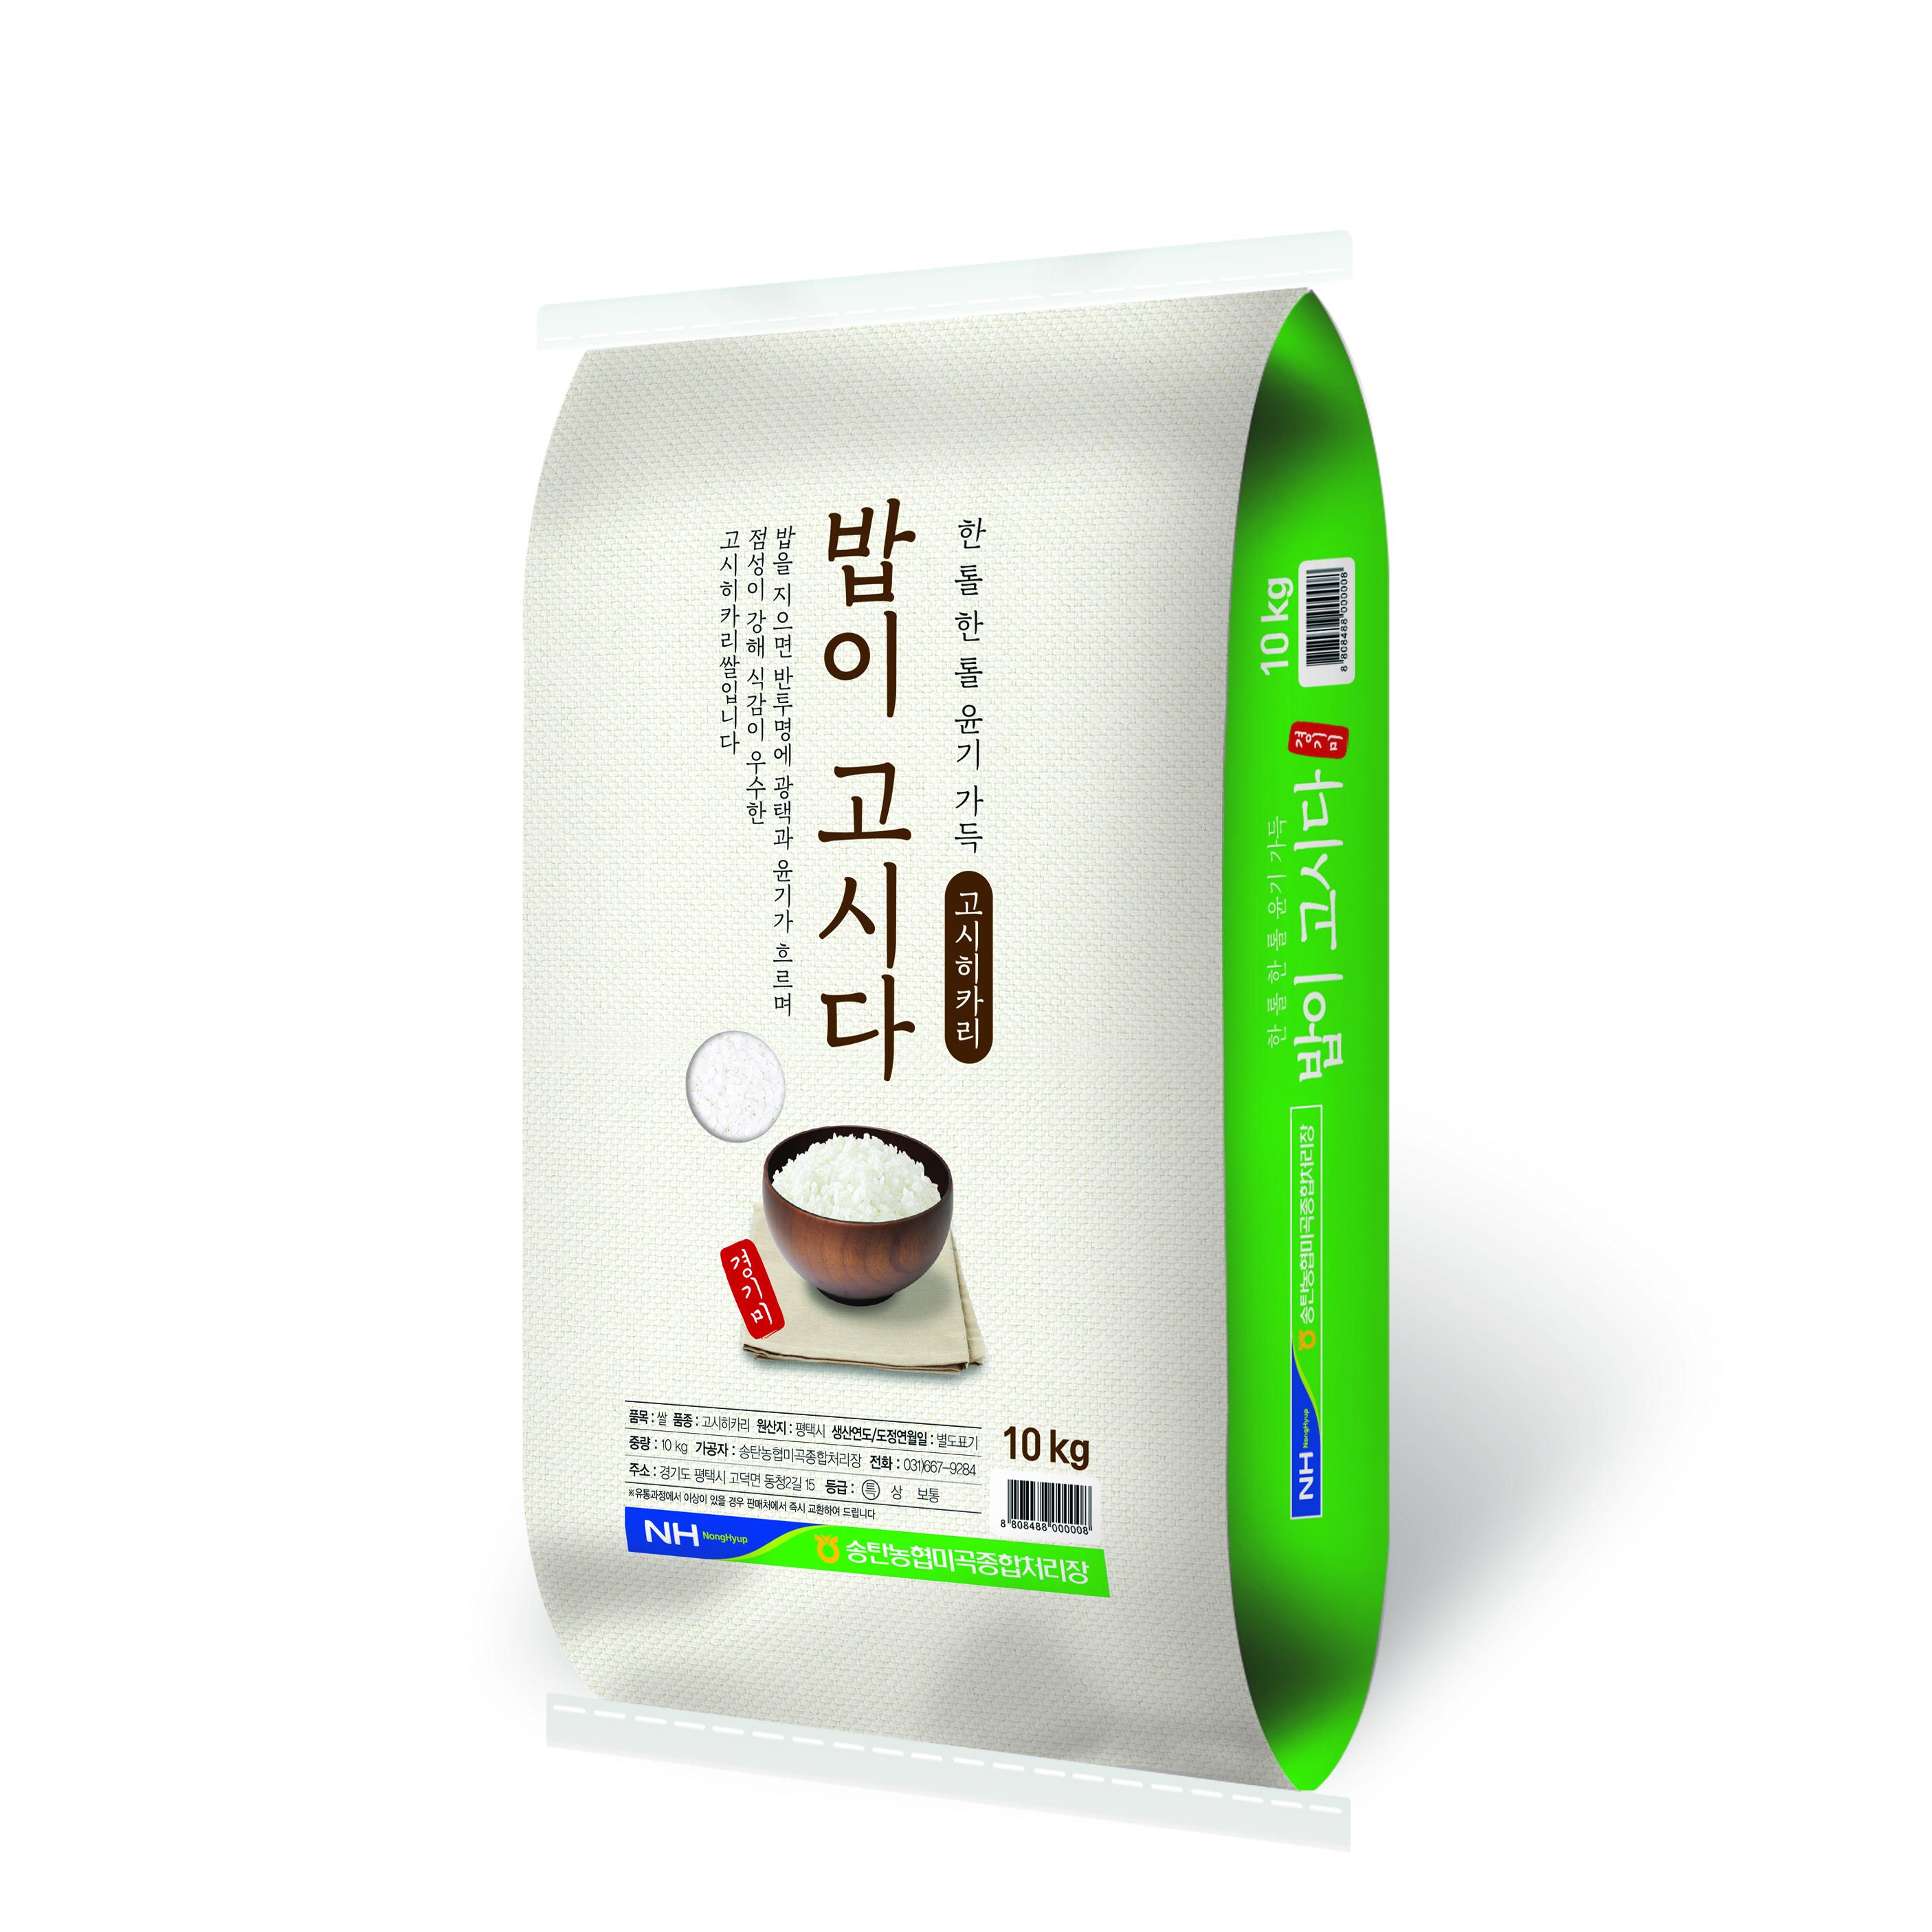 송탄농협 밥이고시다 고시히카리쌀 백미, 10kg, 1개